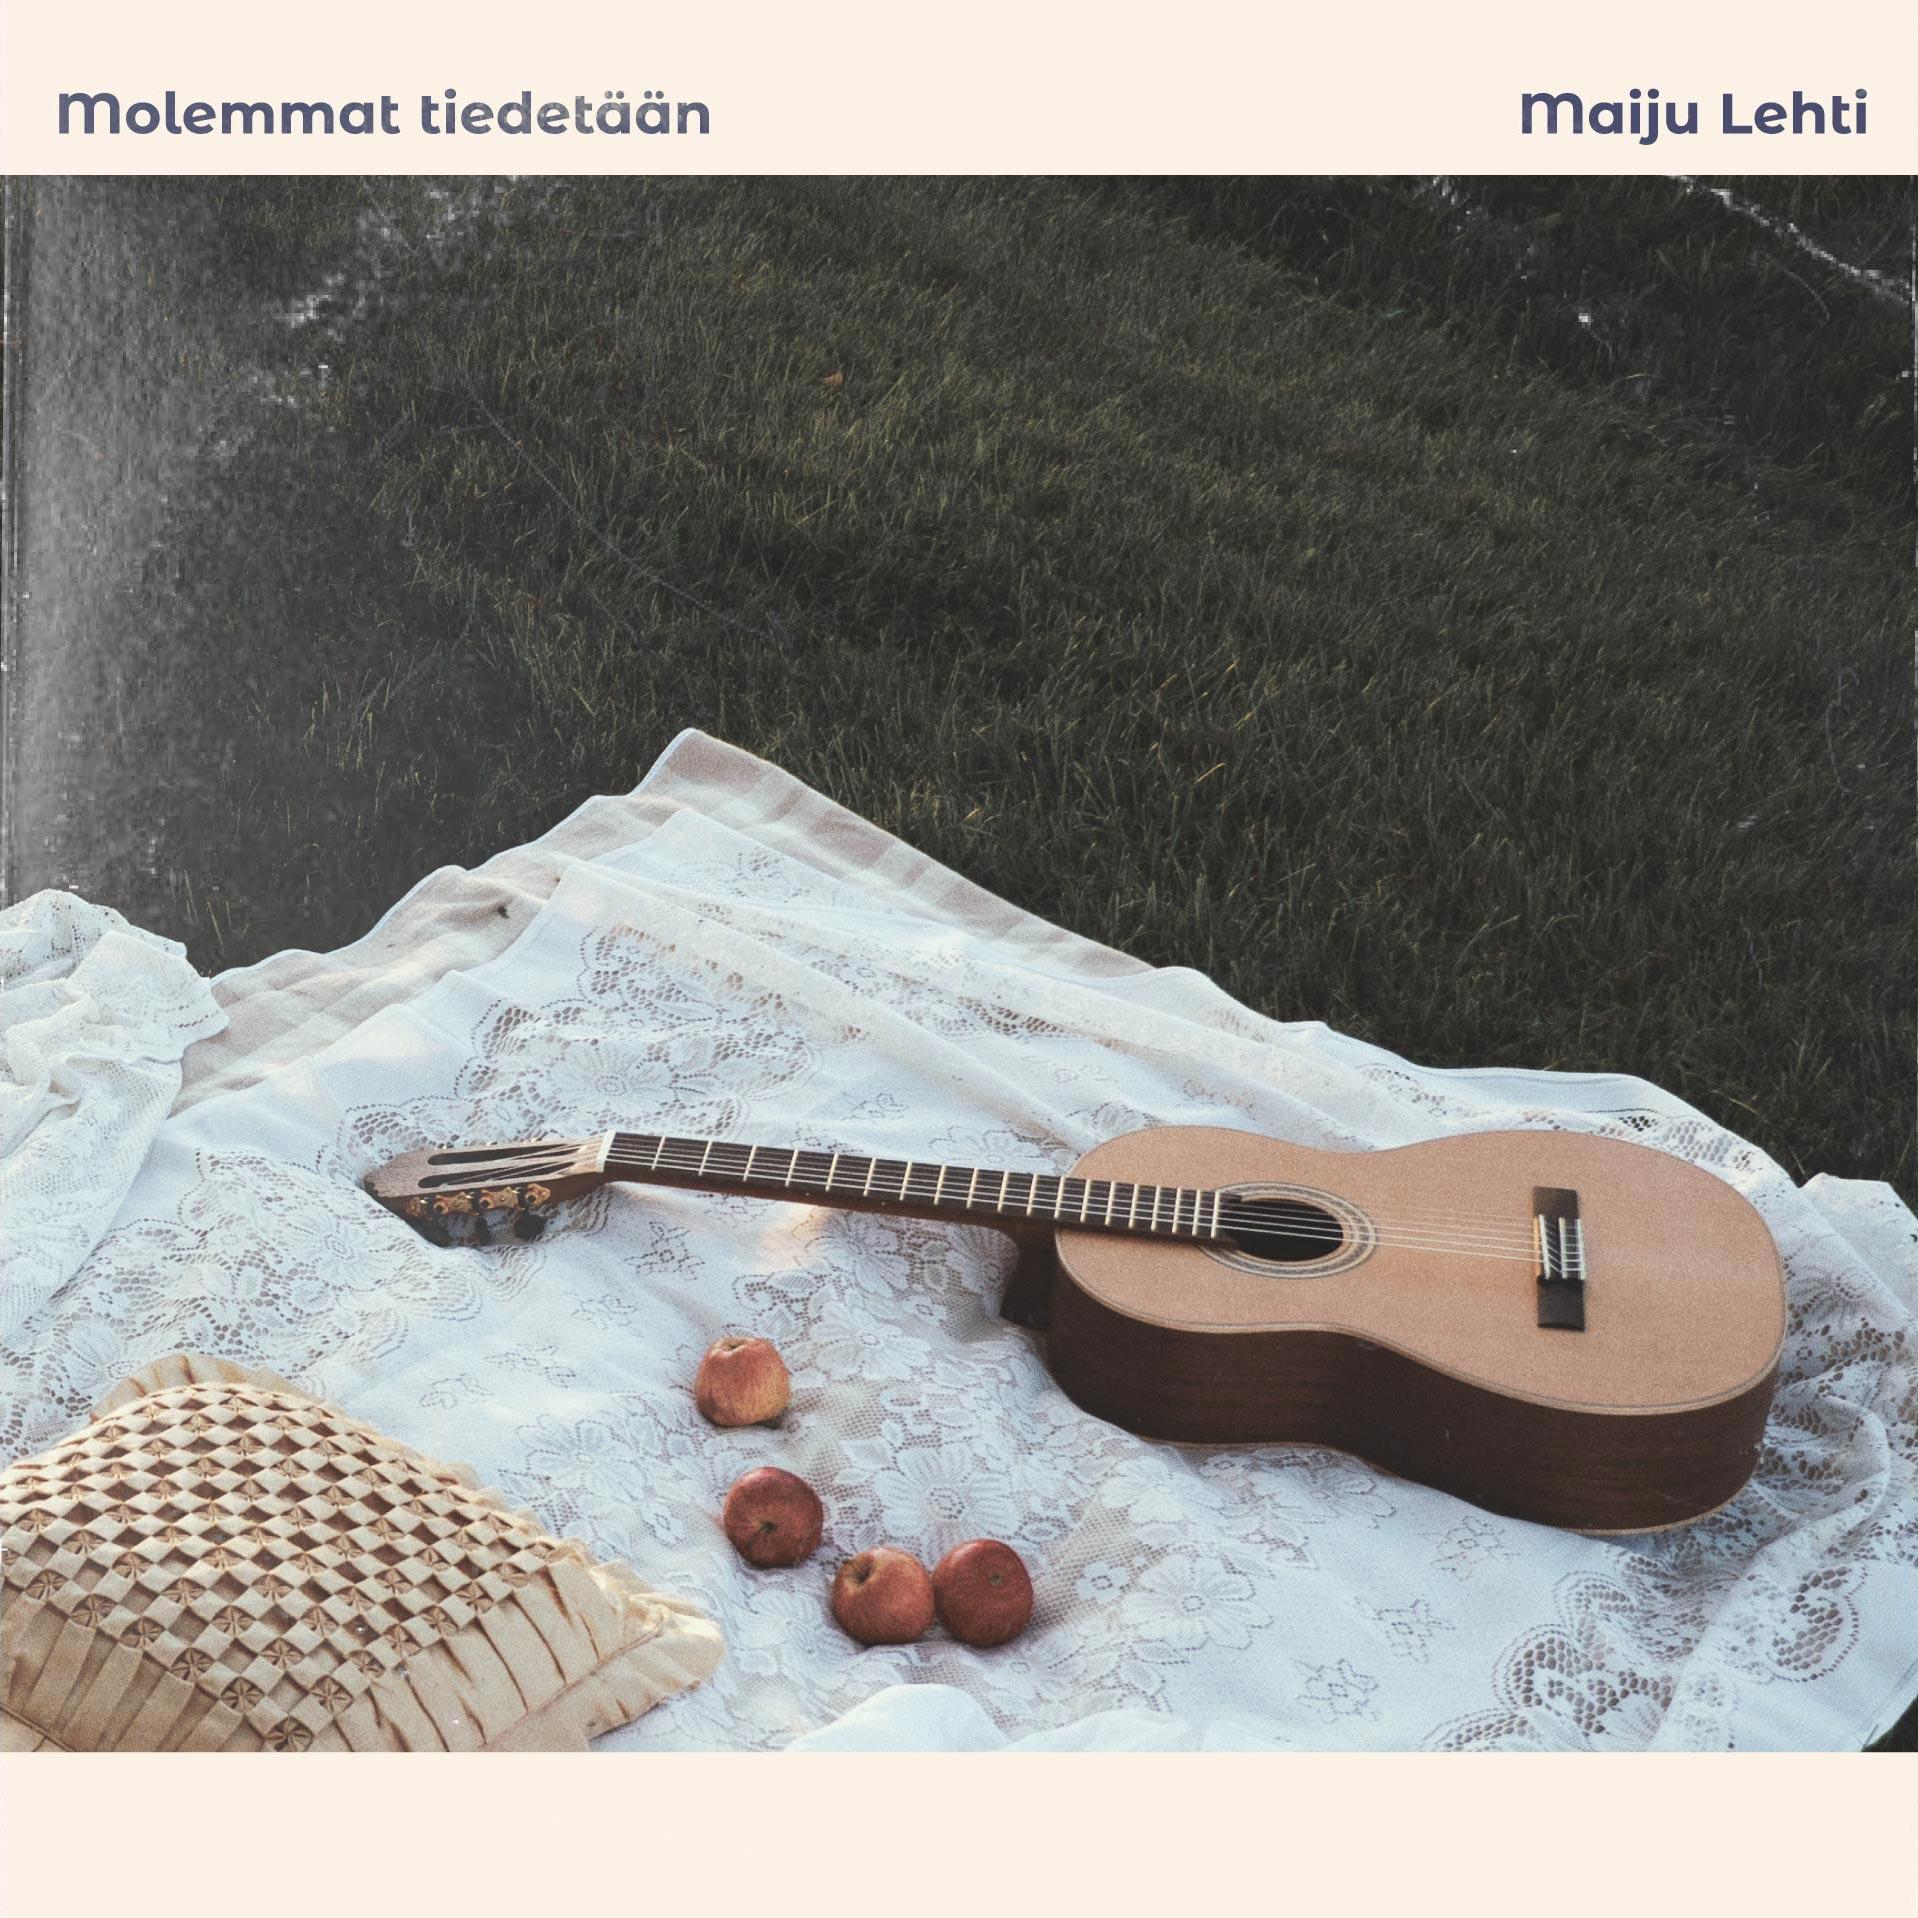 Maiju Lehti Molemmat tiedetään EP kansi. Kuvassa on vastaleikattu nurmikko. Sen päällä valkoinen pitsiviltti, jonka päällä makaa kitara, silkkinen tyyny ja neljä omenaa.